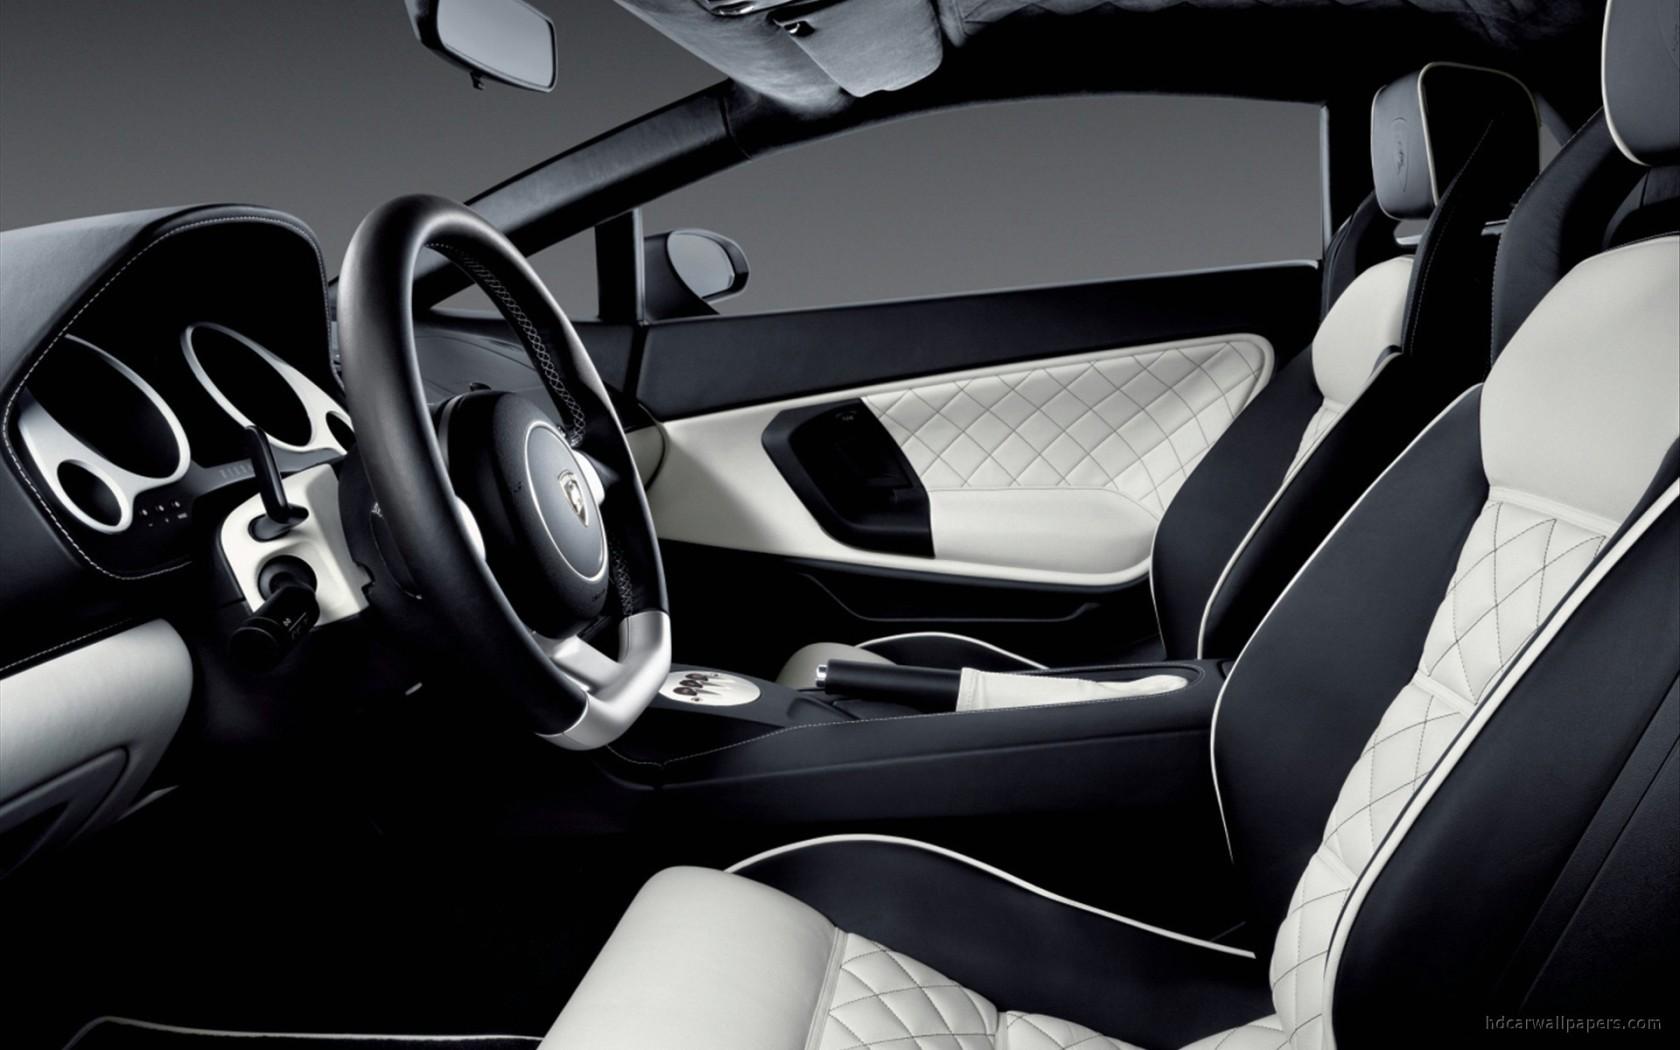 Lamborghini Gallardo Nera Interior Wallpaper | HD Car ...